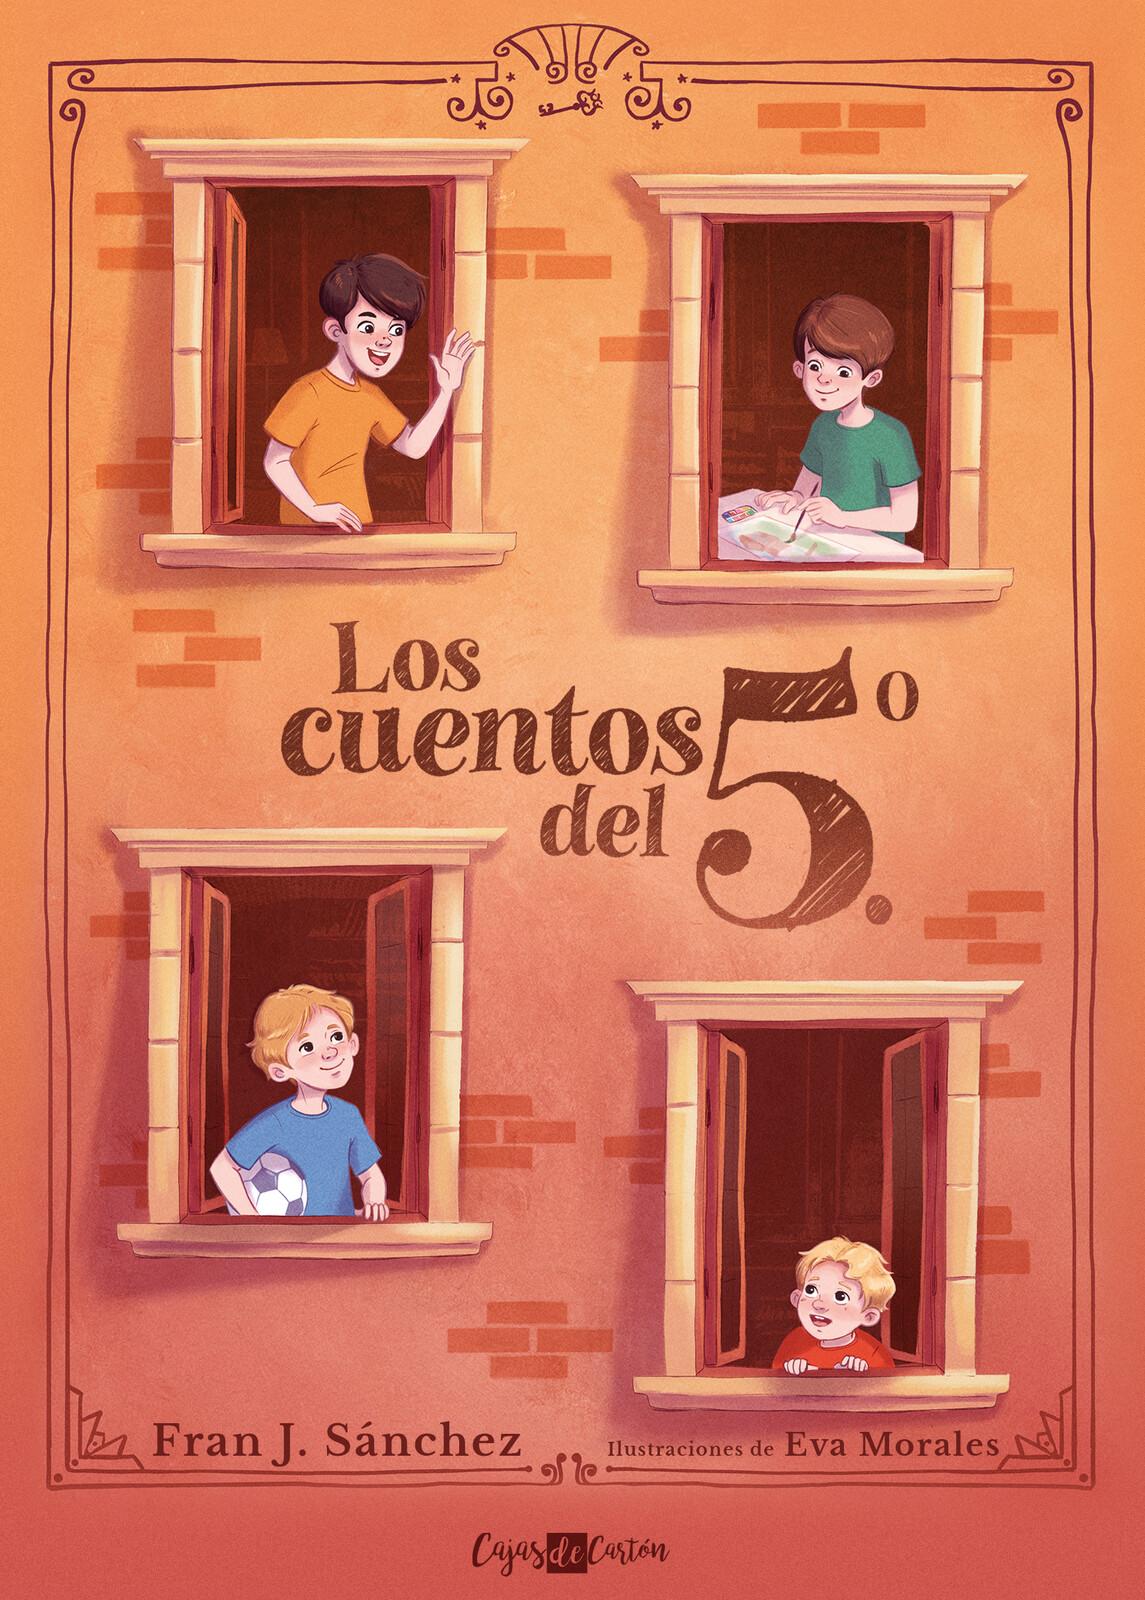 Autor: Fran Javier Juan Sánchez Ilustrador: Eva Morales Editorial:  Cajas de cartón Lenguaje: Español